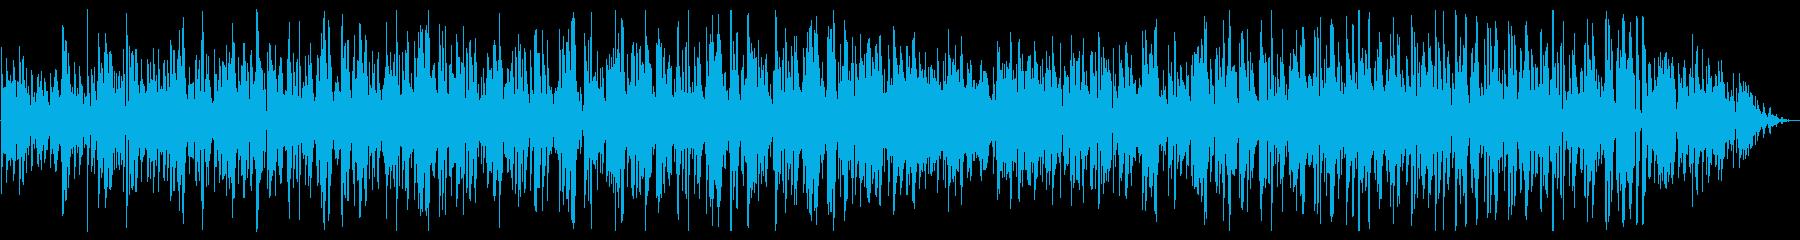 ジングルベルのボサノバジャズボーカルの再生済みの波形